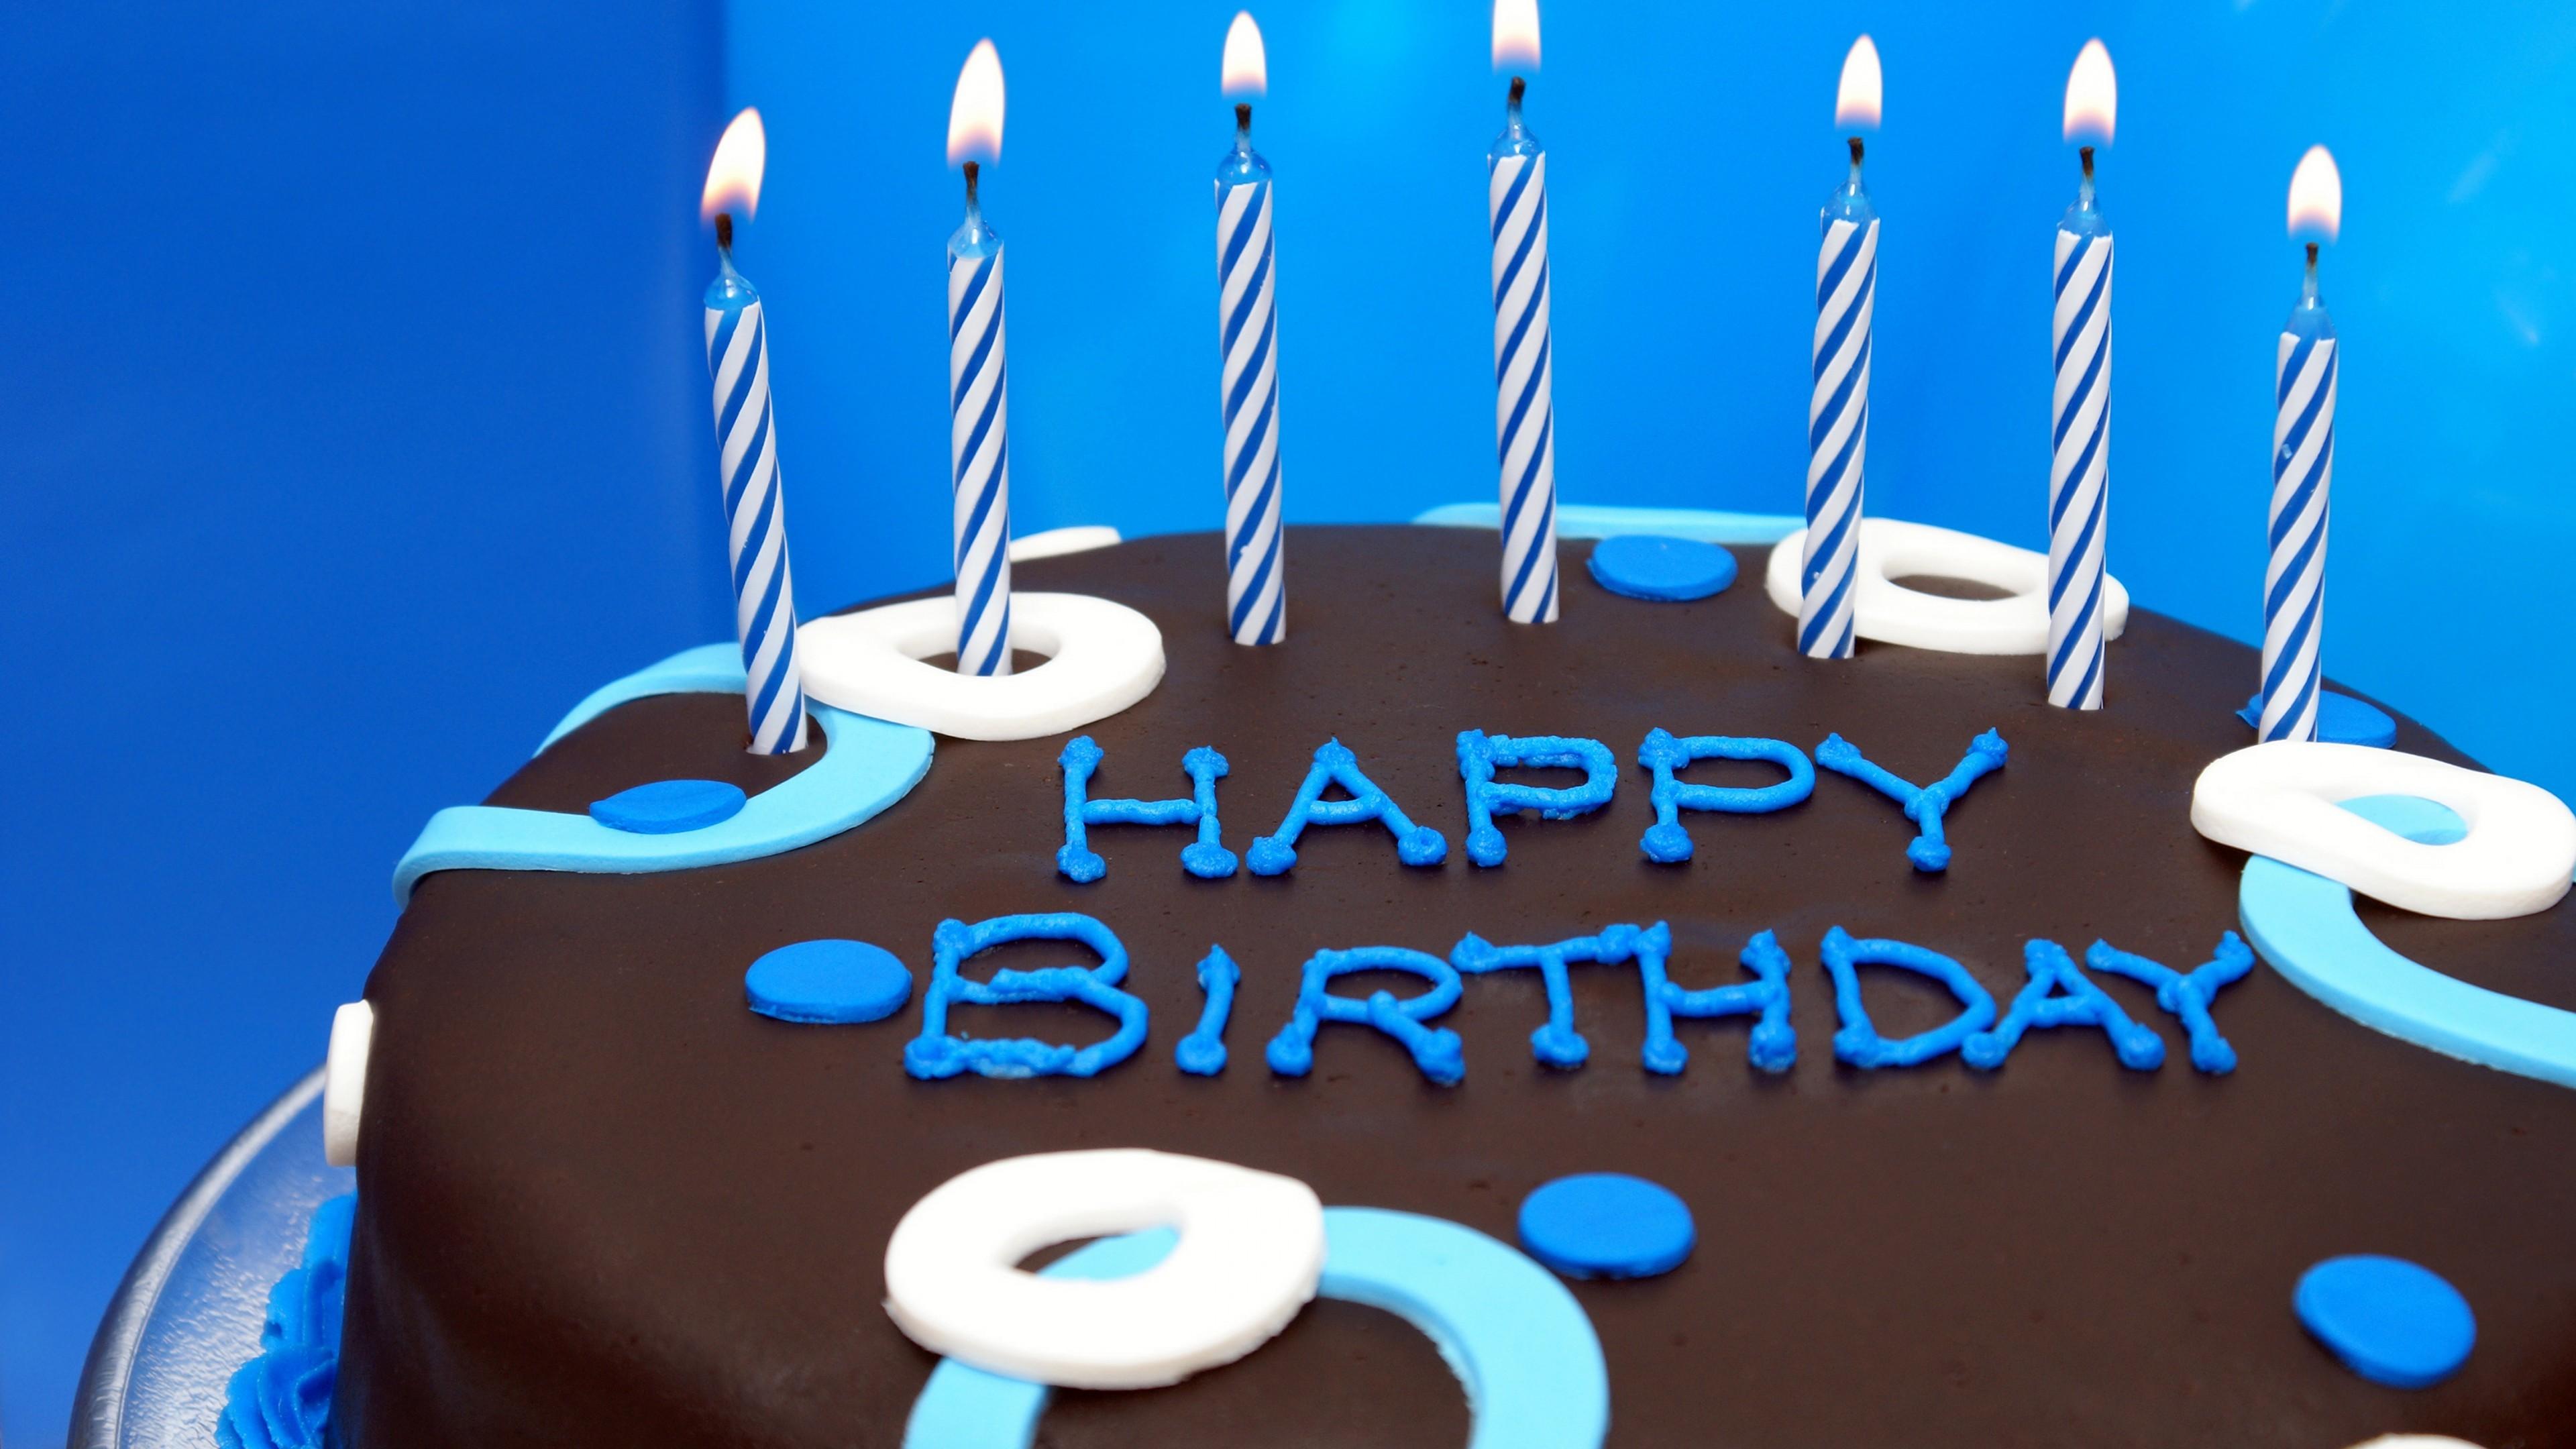 Xem thêm: hình ảnh bánh sinh nhật tuyệt đẹp